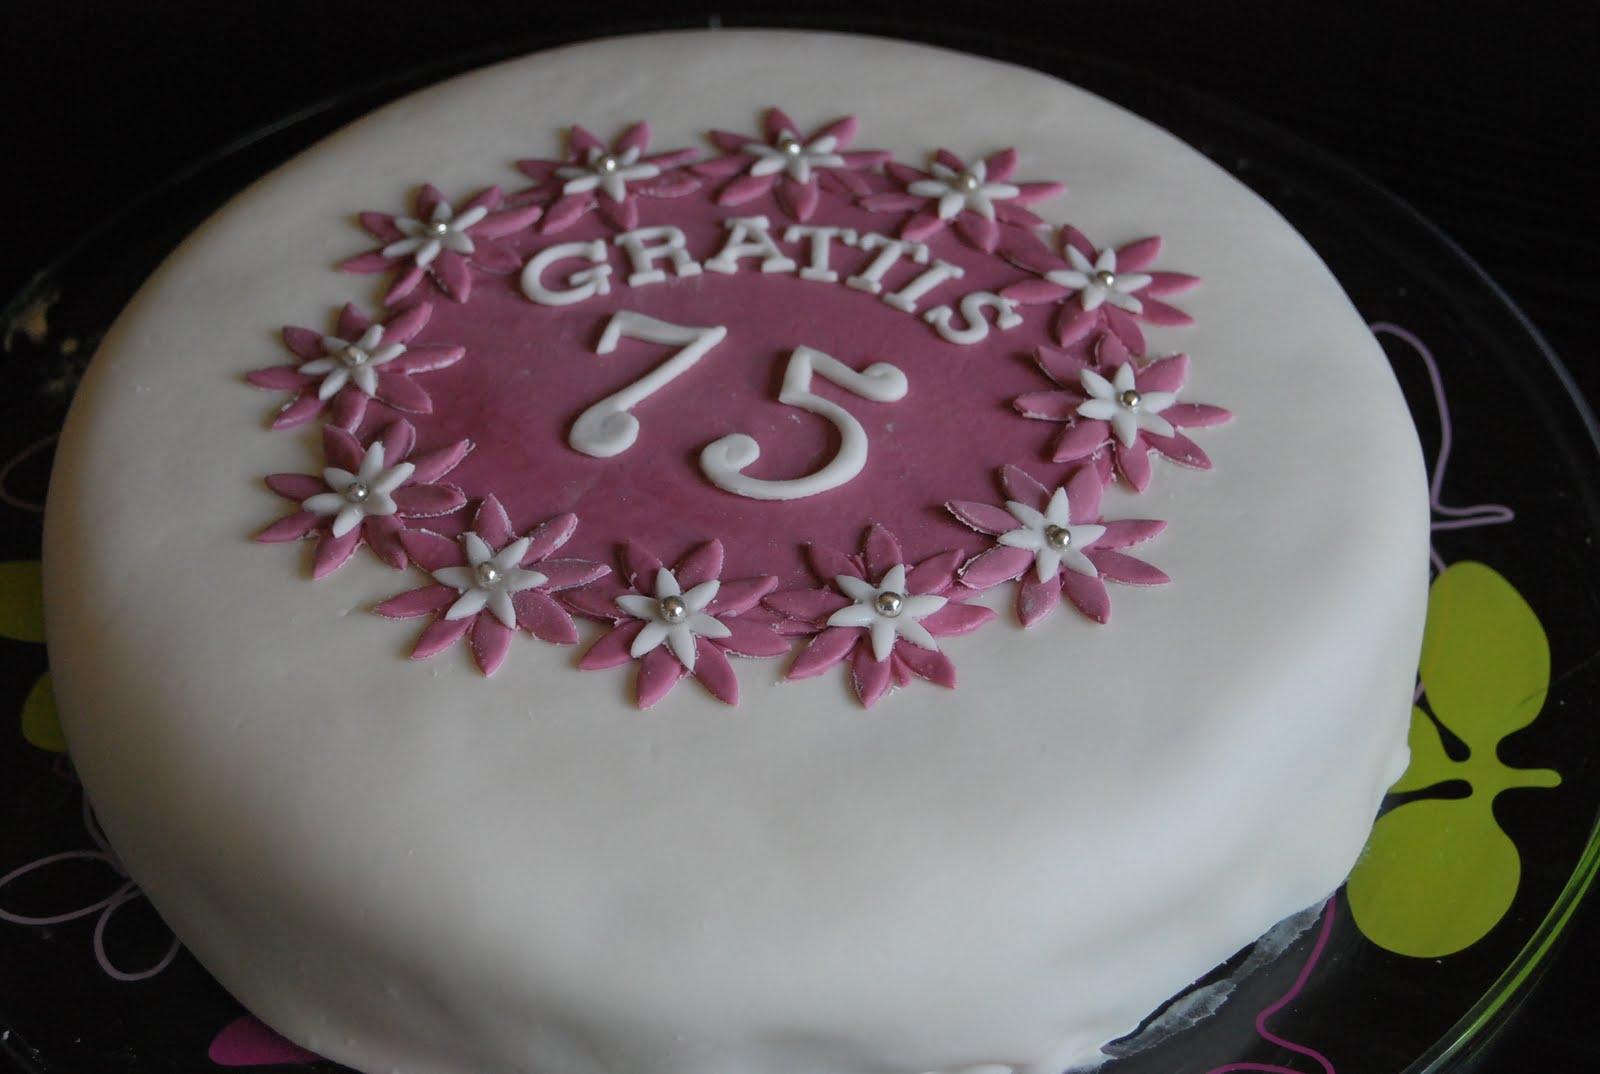 grattis på 75 årsdagen nybakadamatör: Grattis mormor 75 år grattis på 75 årsdagen